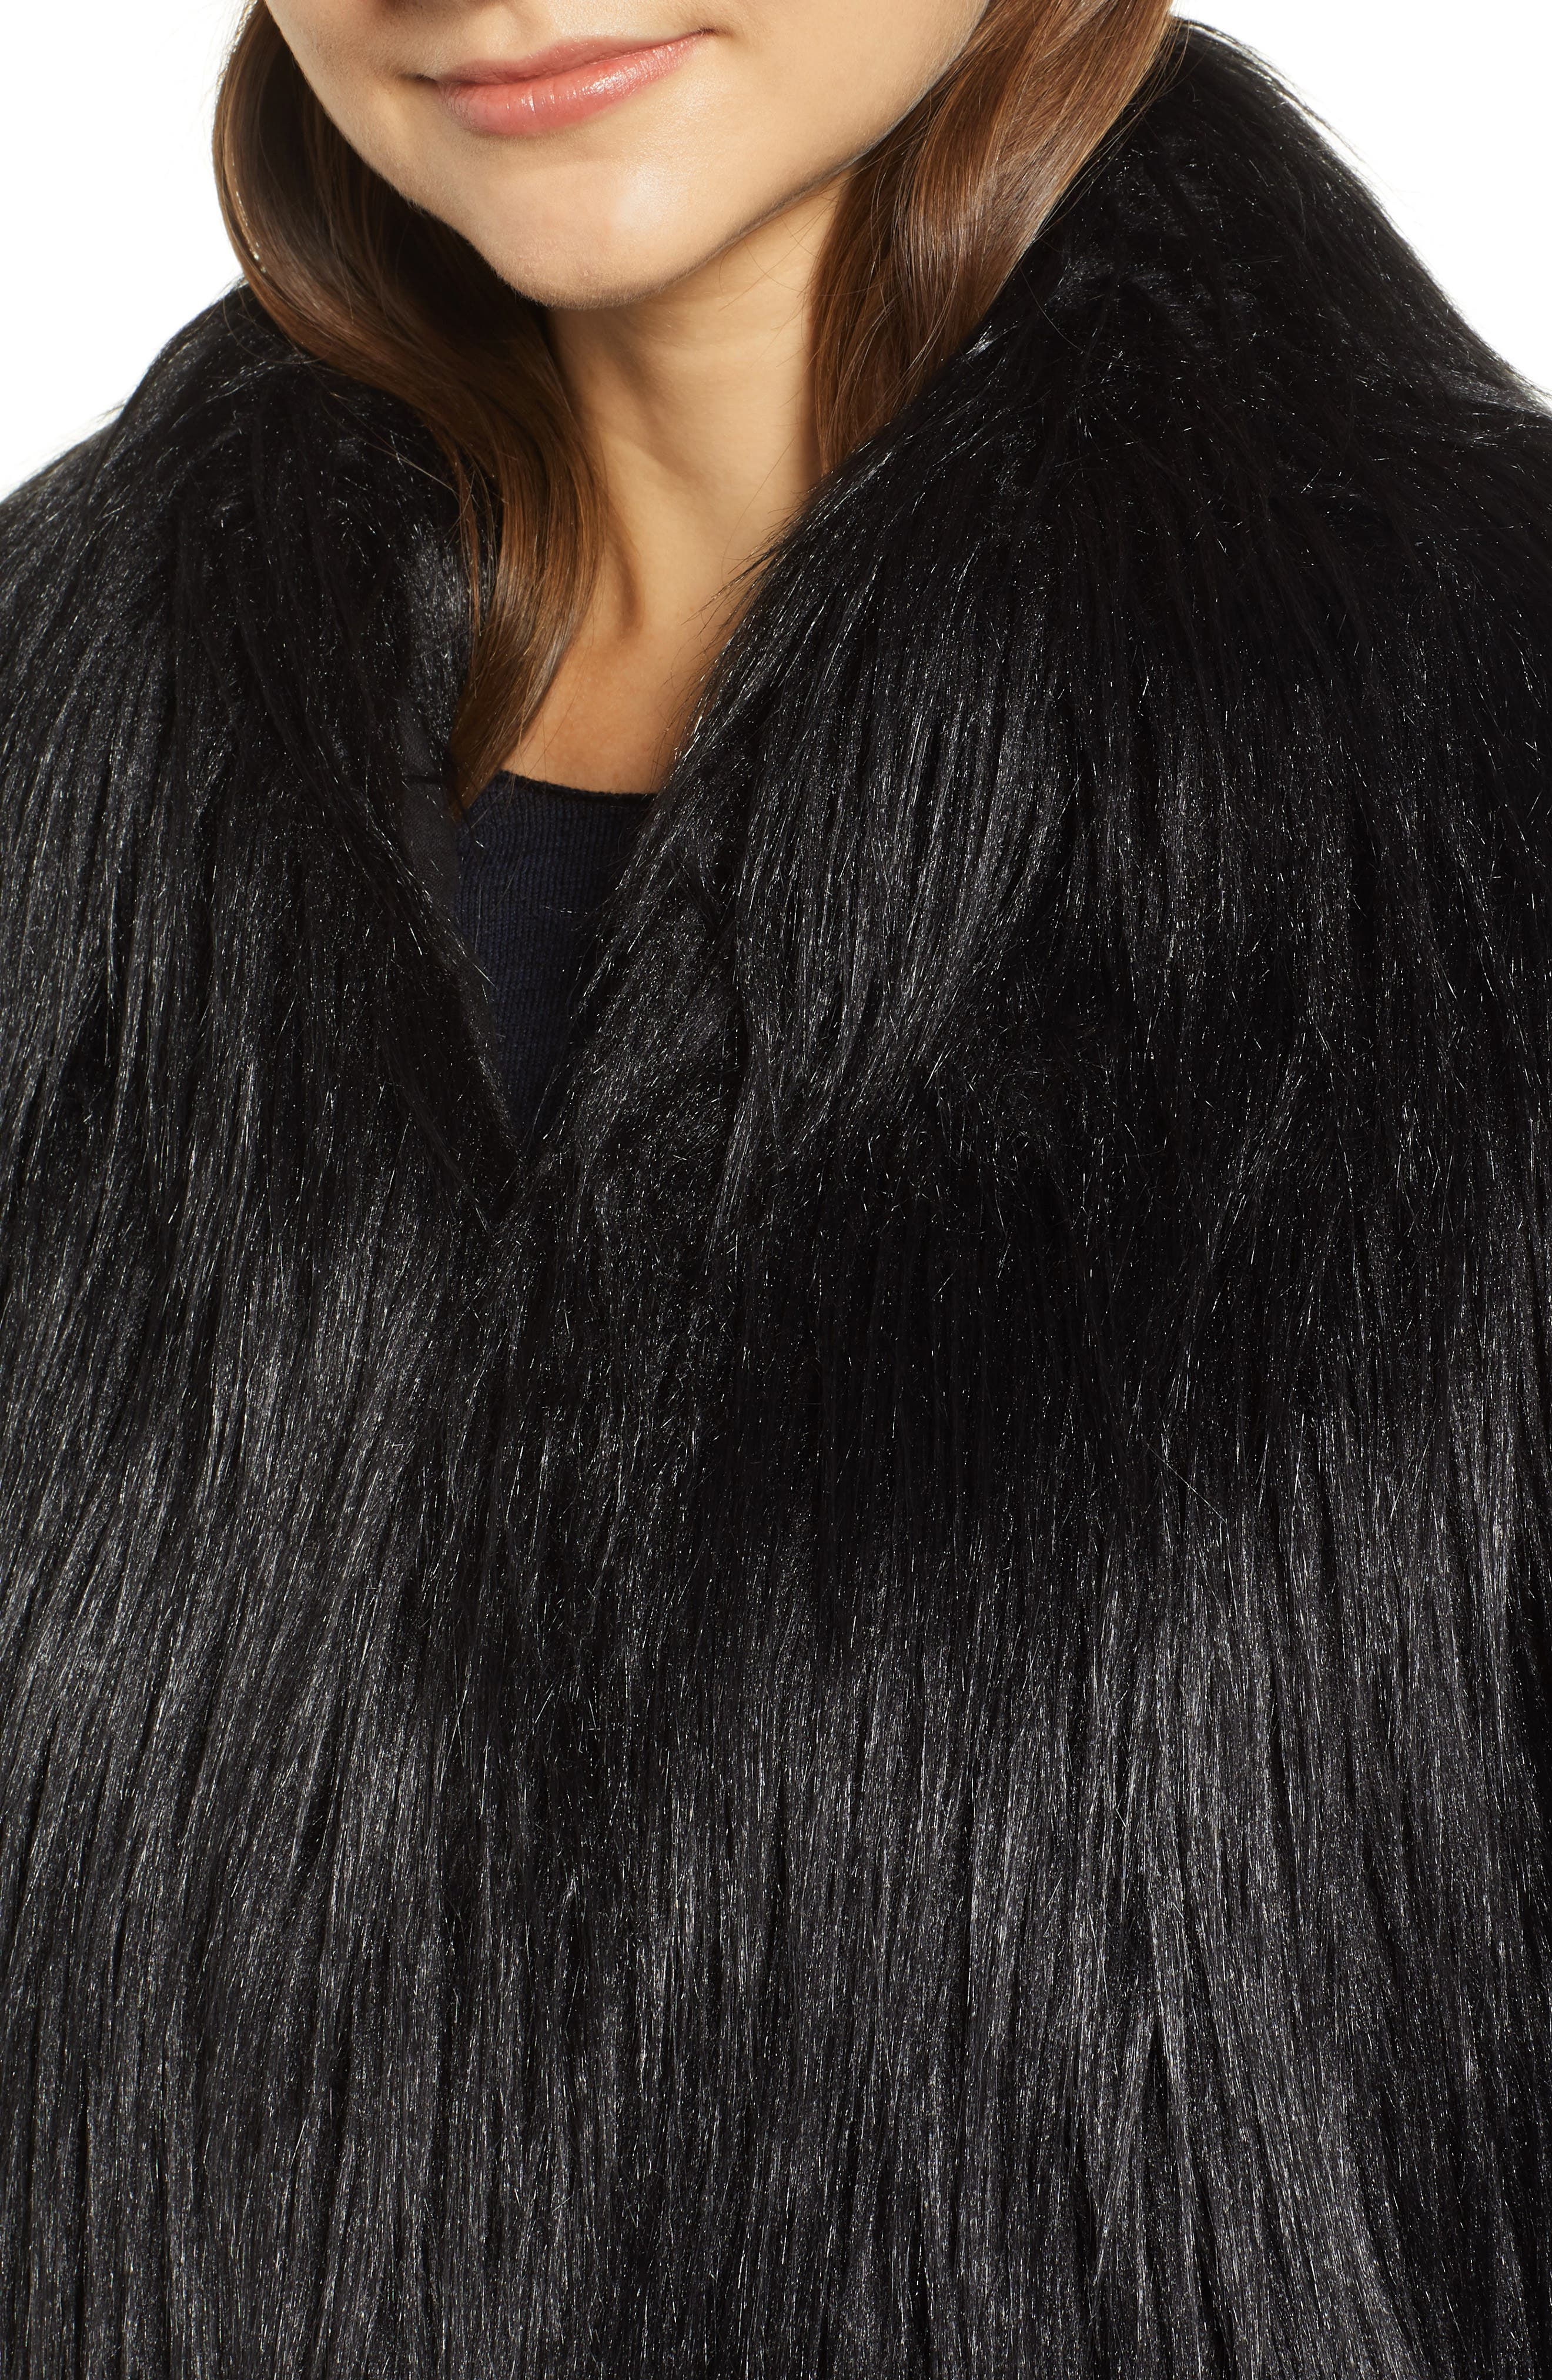 Fridas Faux Fur Coat,                             Alternate thumbnail 4, color,                             NOIR